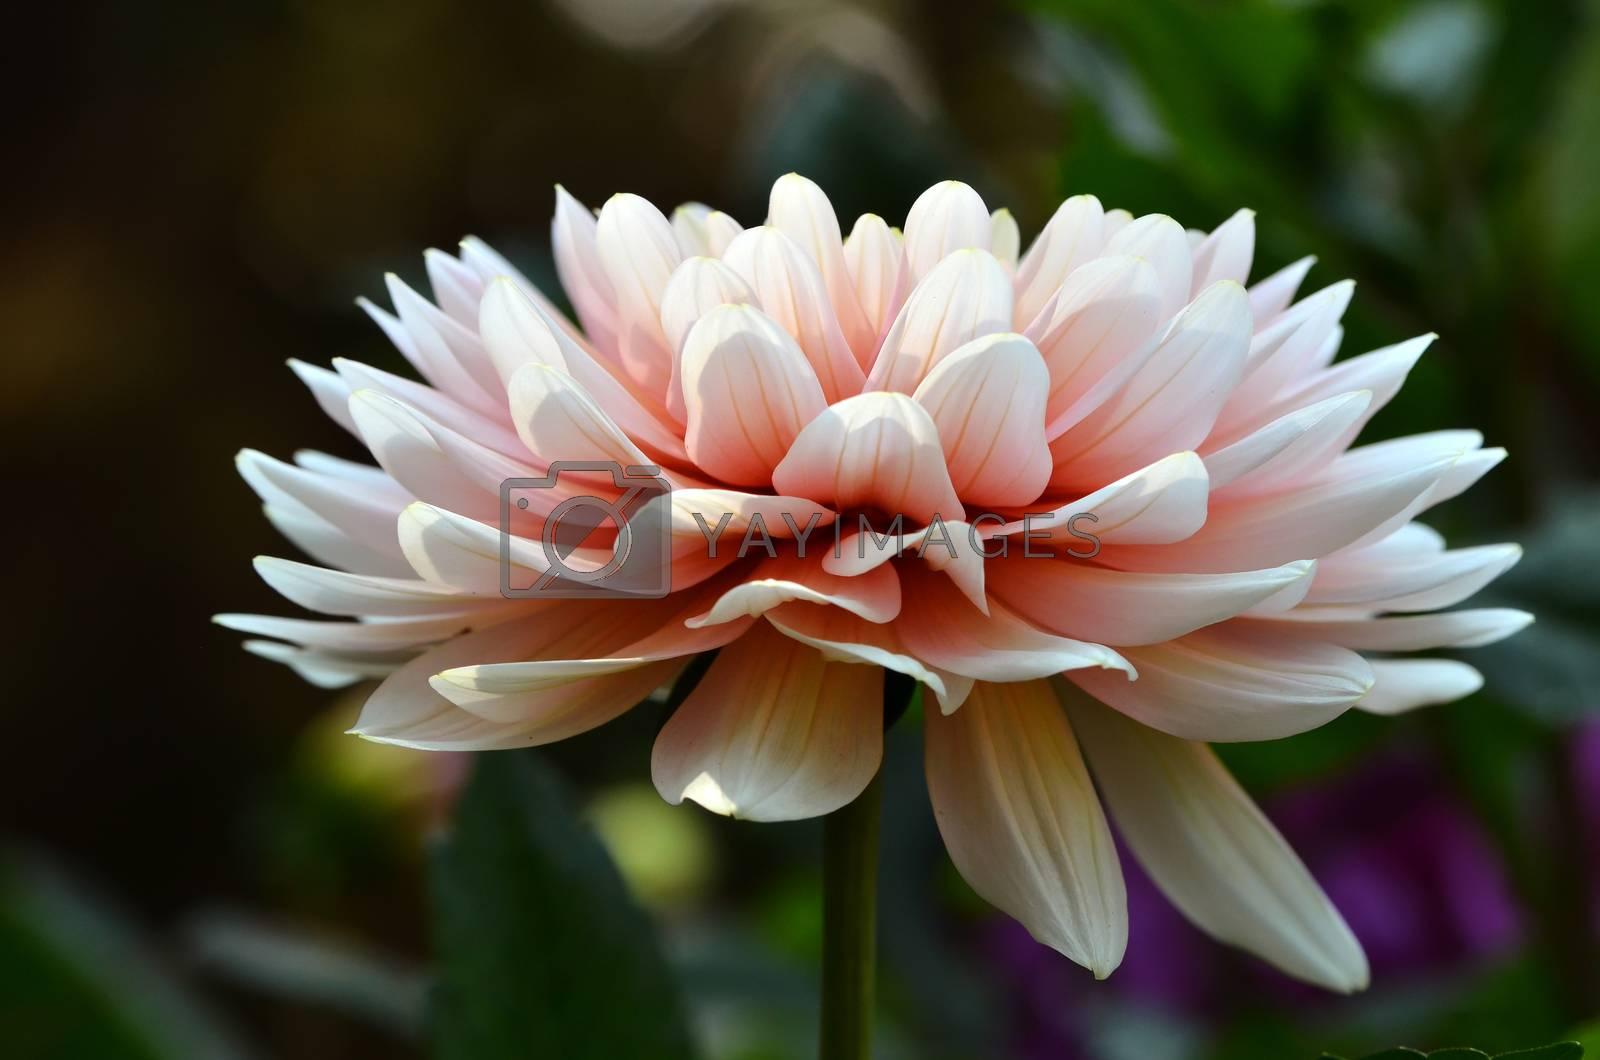 dahlia flower by anankkml